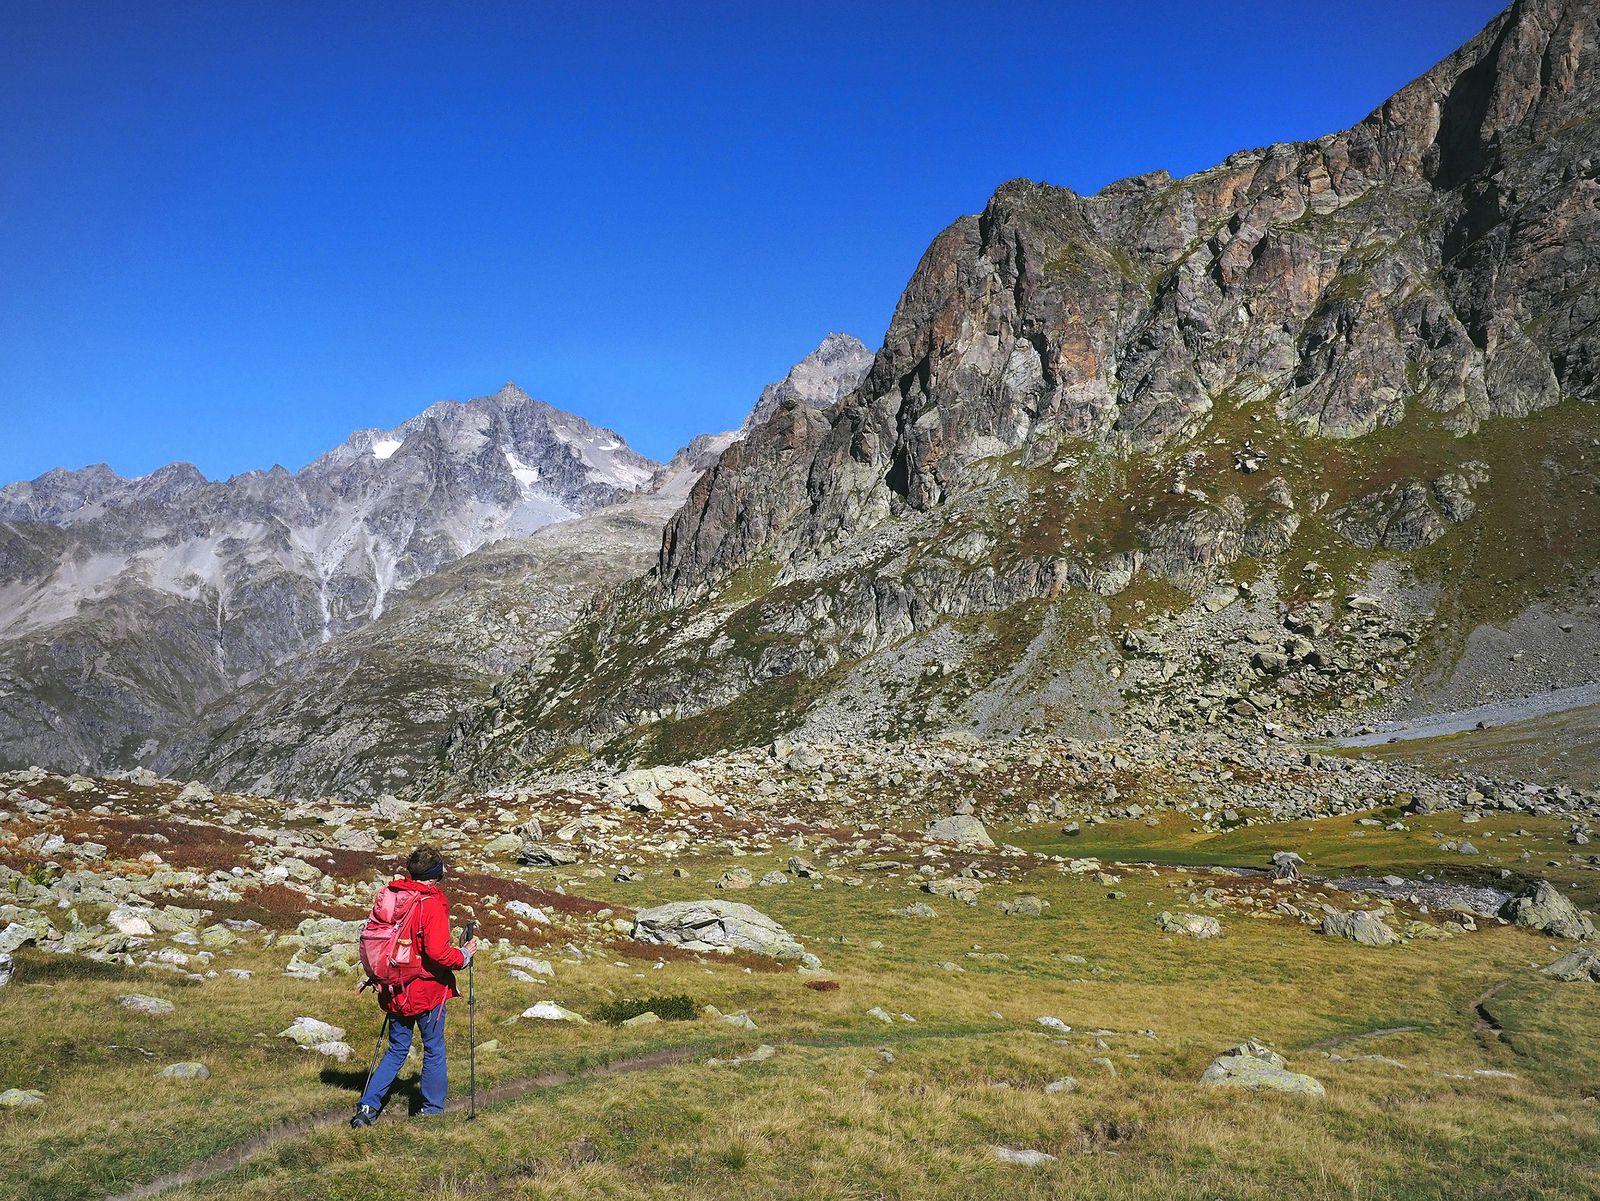 Du refuge, il faut redescendre un peu vers l'est puis le nord pour trouver le sentier-balcon (visible à gauche au bas de la petite crête).